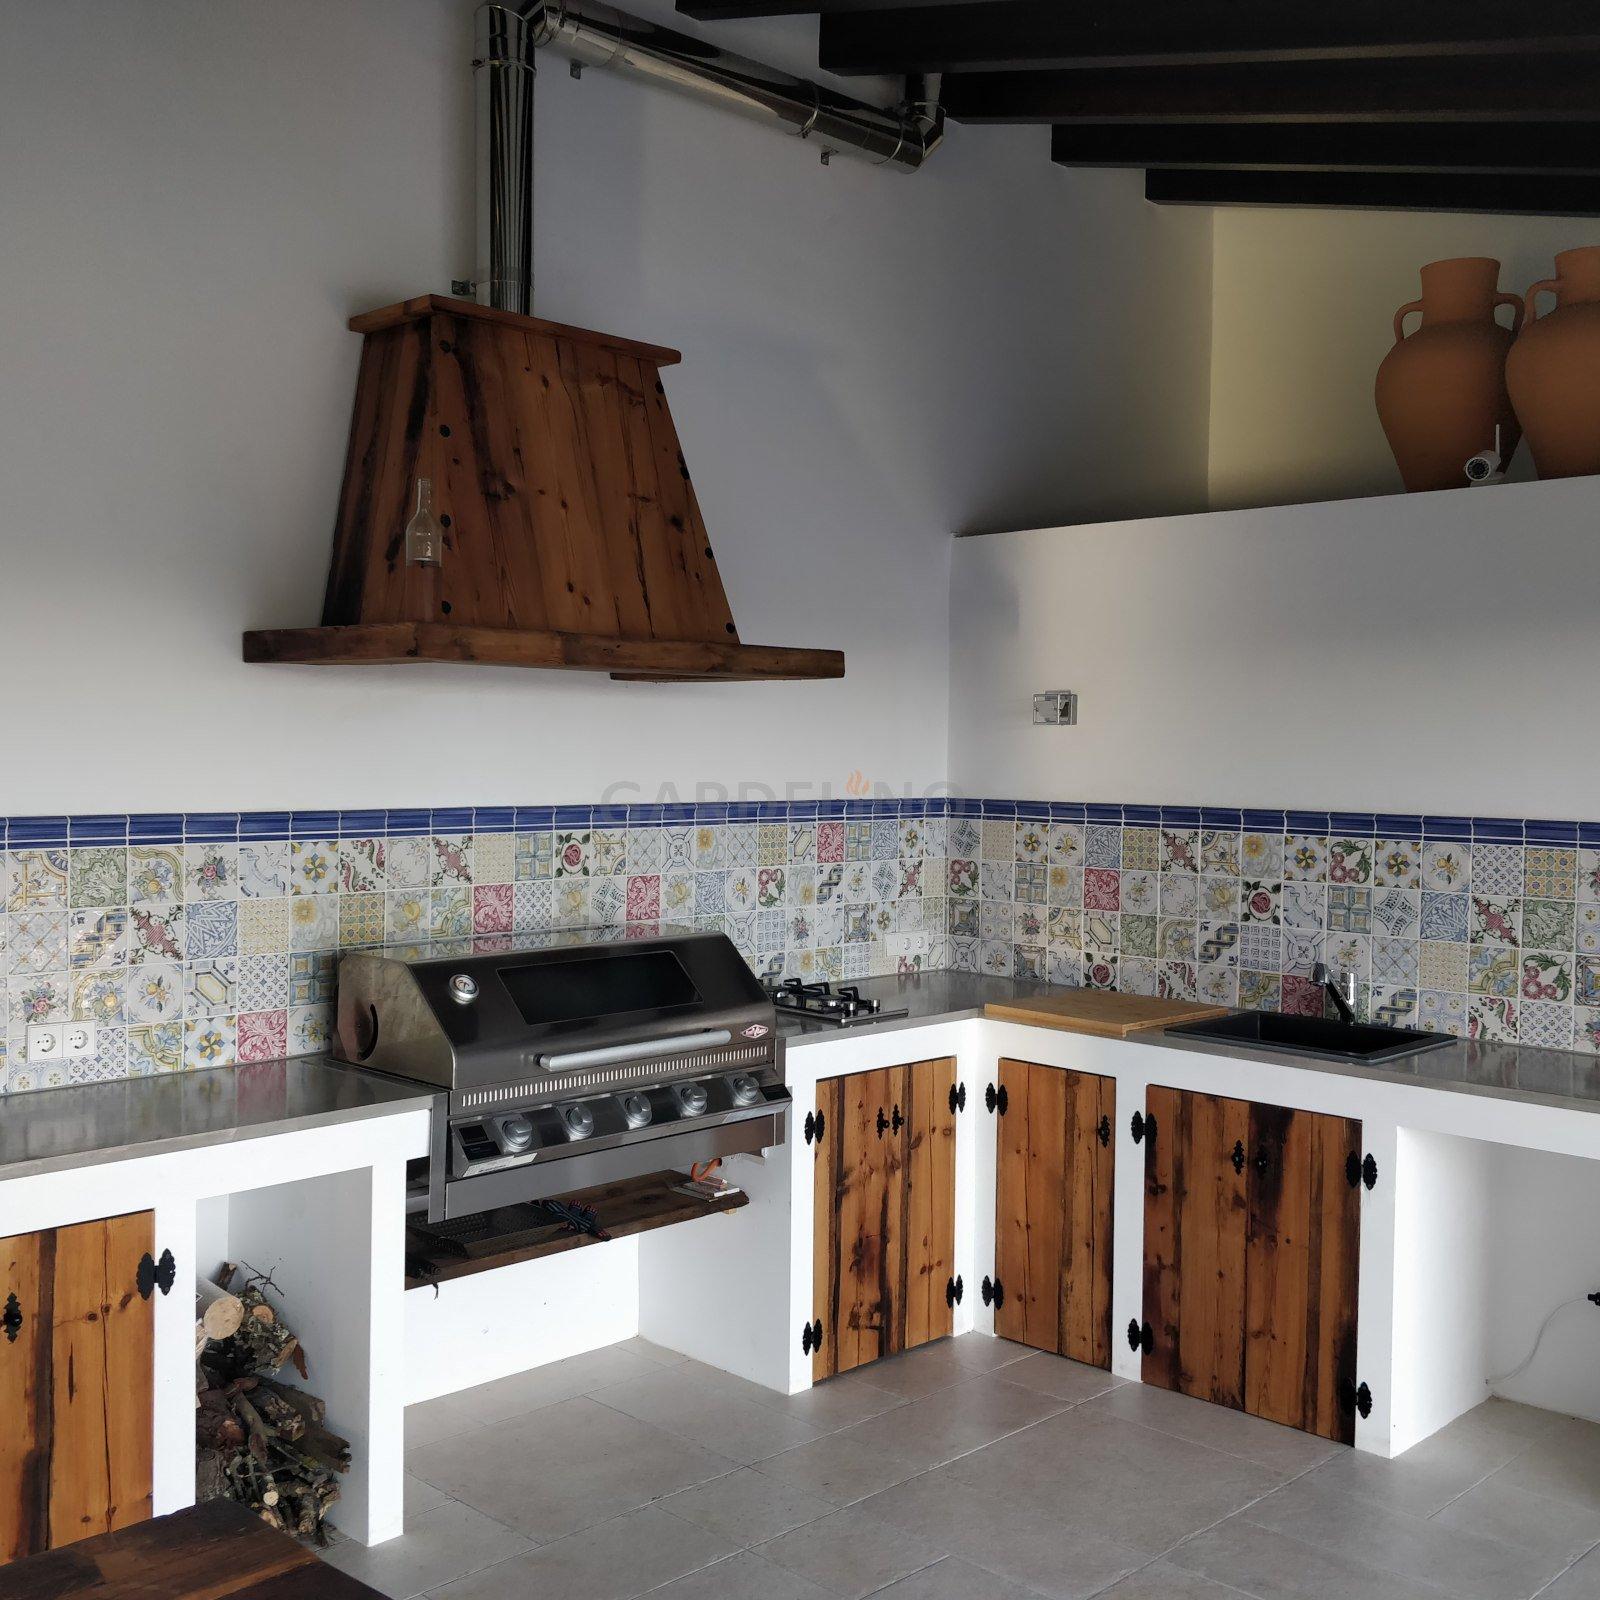 Full Size of Küchen Rustikal Outdoor Kche In Rusitkalem Design Mit Beefeater Regal Rustikaler Esstisch Rustikales Bett Holz Küche Wohnzimmer Küchen Rustikal